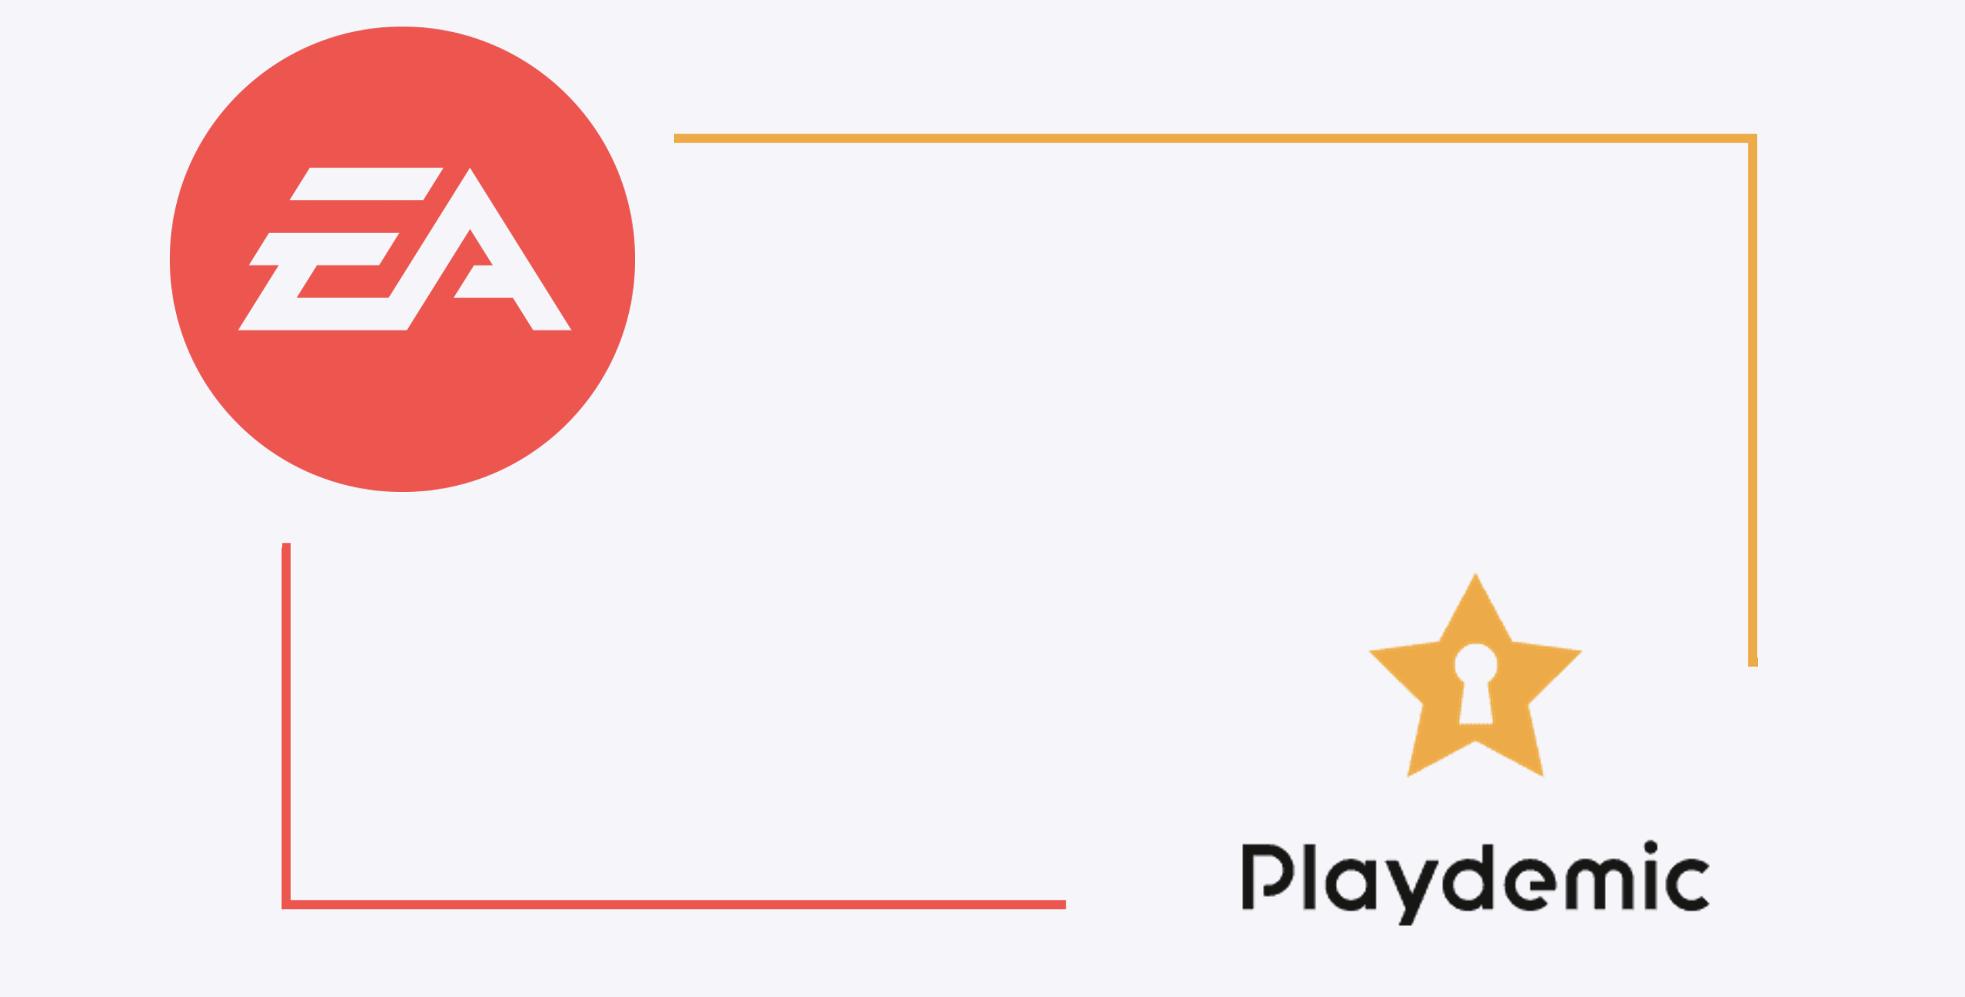 EA Playdemic